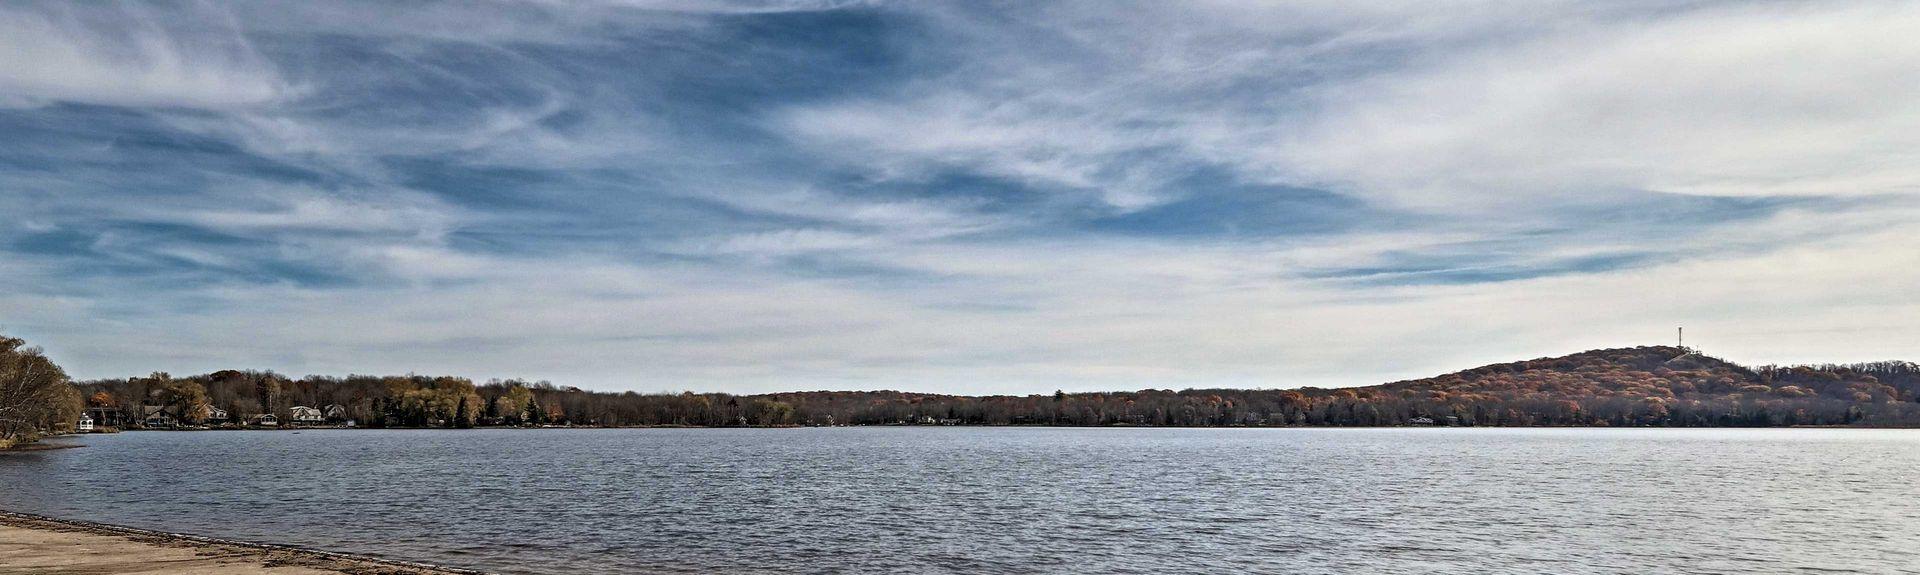 Big Bass Lake, Gouldsboro, Πενσυλβάνια, Ηνωμένες Πολιτείες